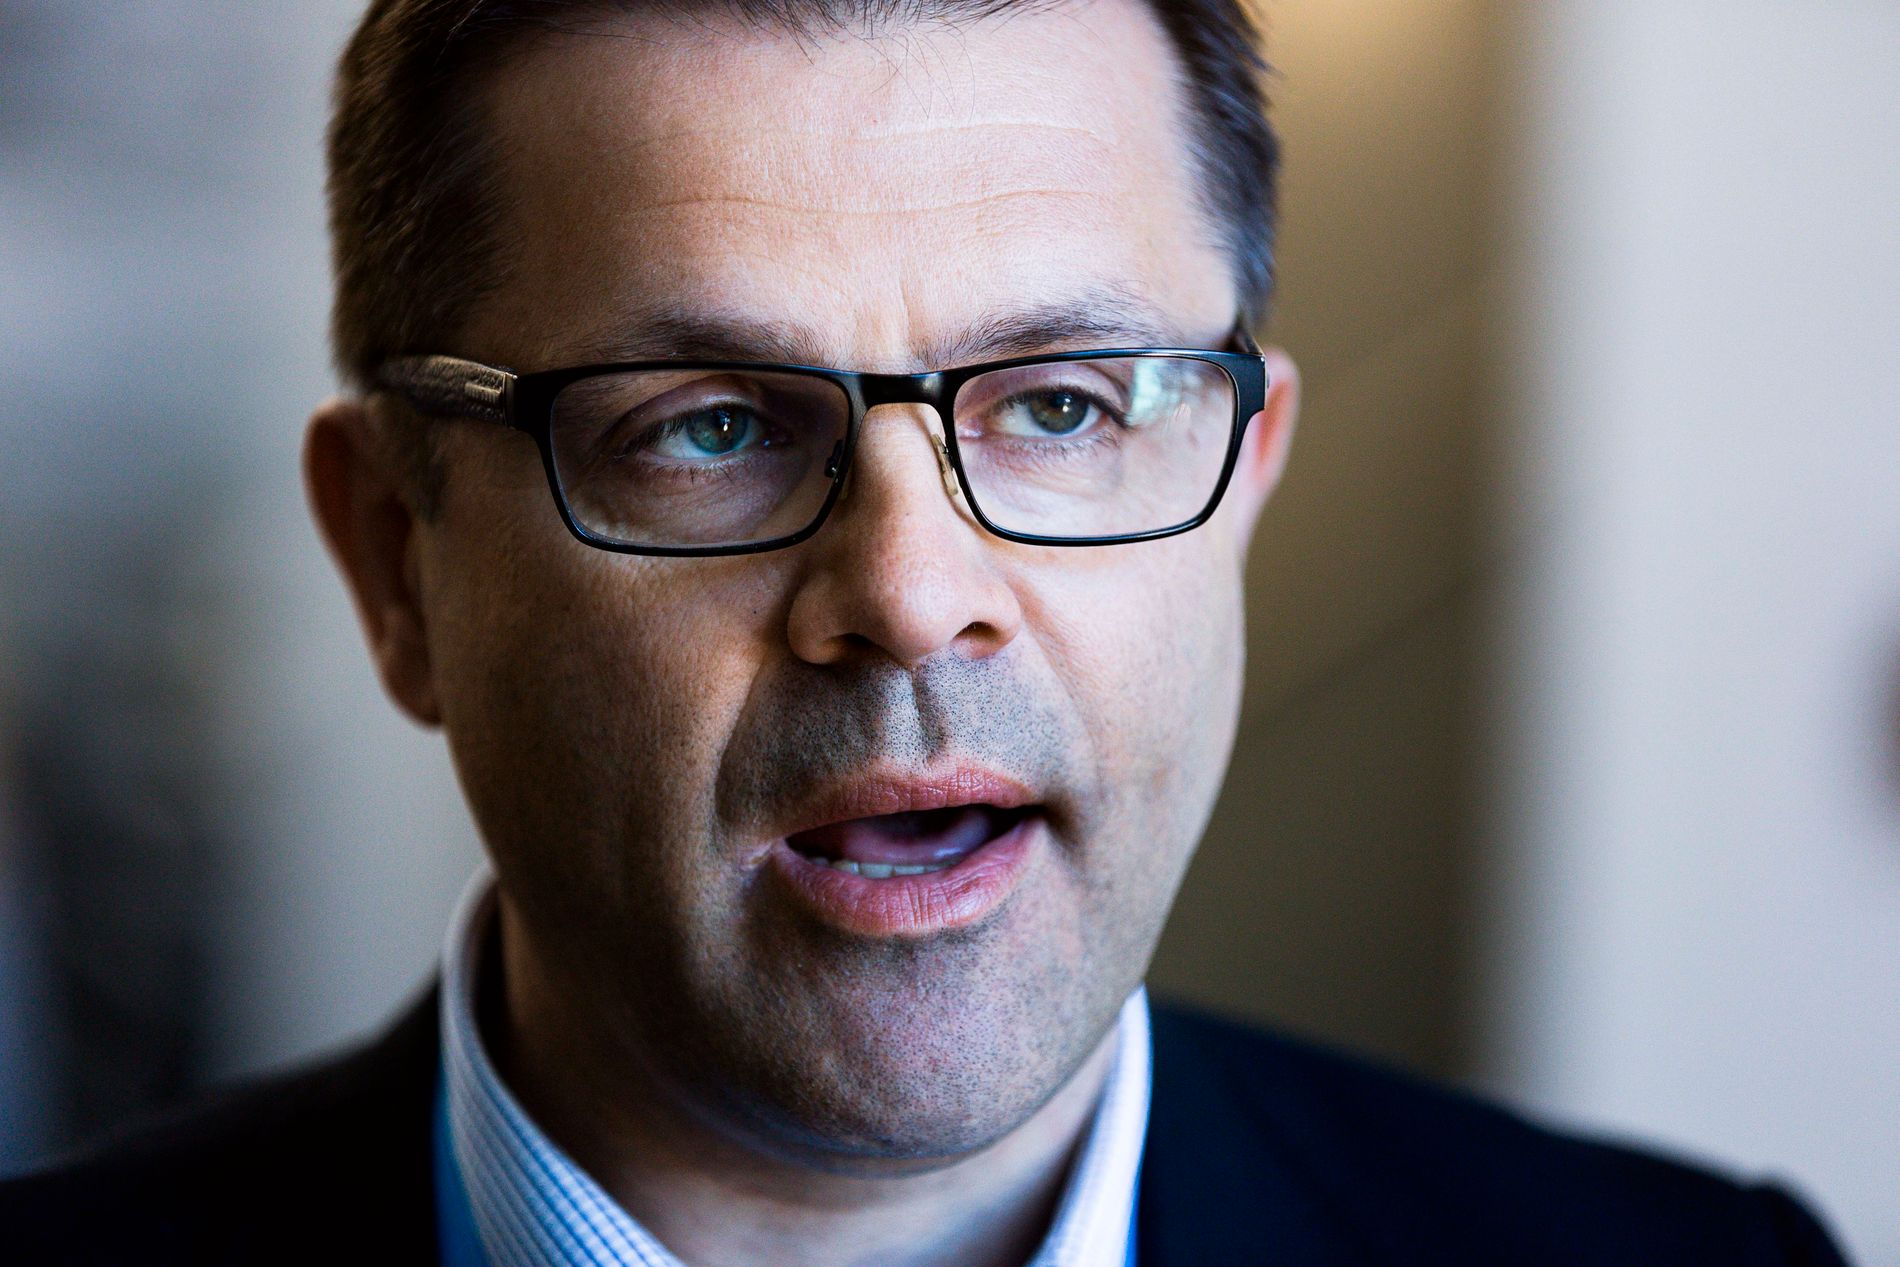 ETTERLYSER SAMARBEID: Frank Sve, Fylkesleder i Møre og Romsdal Frp mener det er behov for å opparbeide tillit og skape samarbeid mellom KrF og Frp.